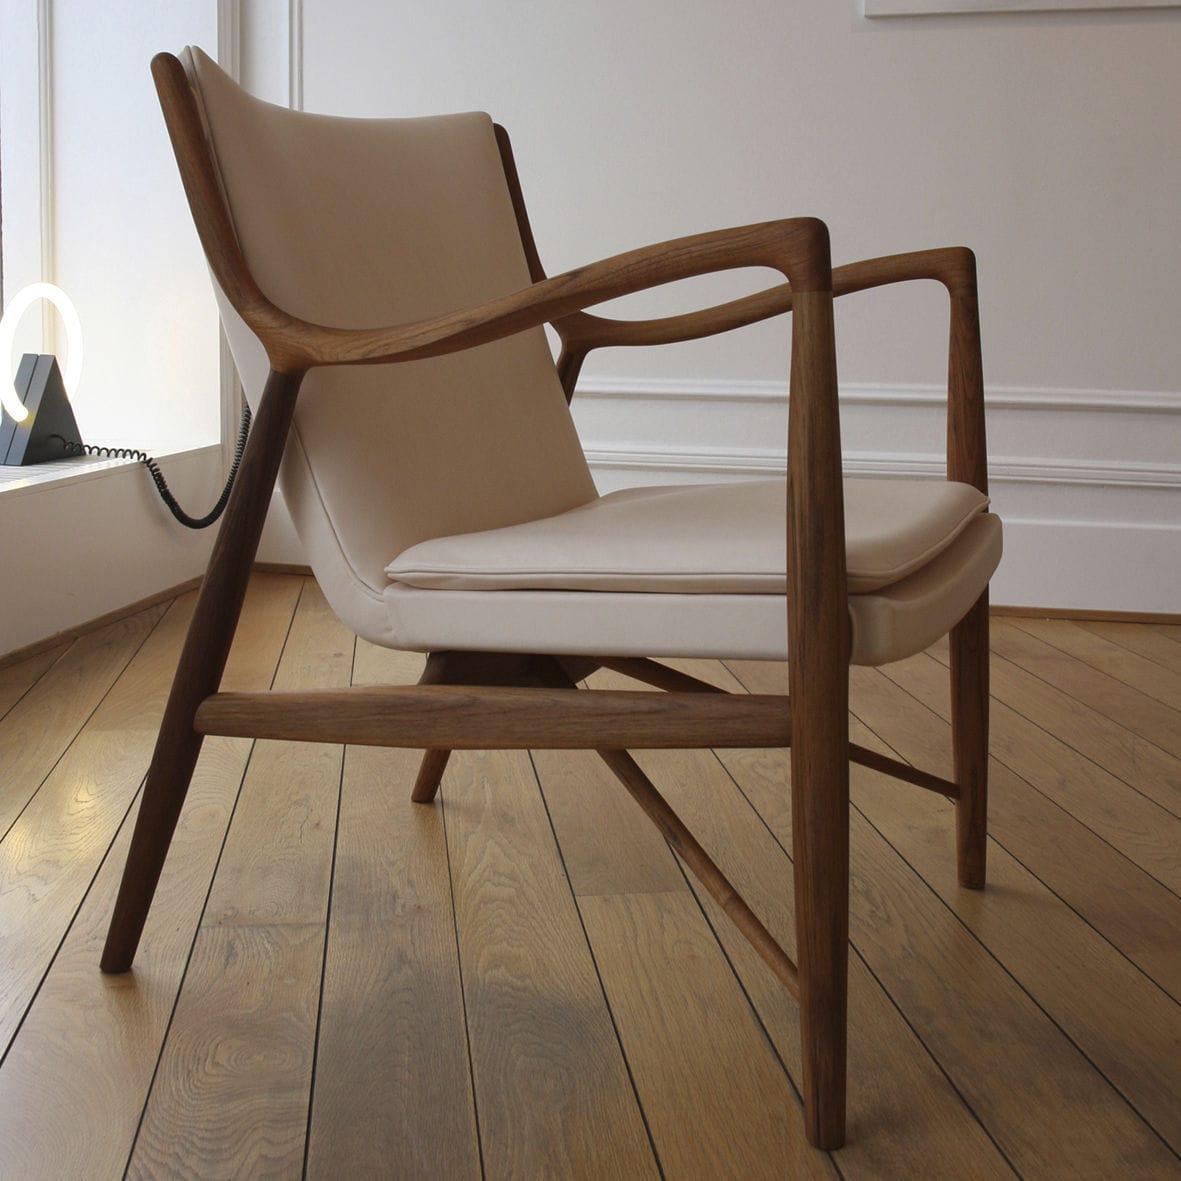 Fauteuil design bois équipement de maison